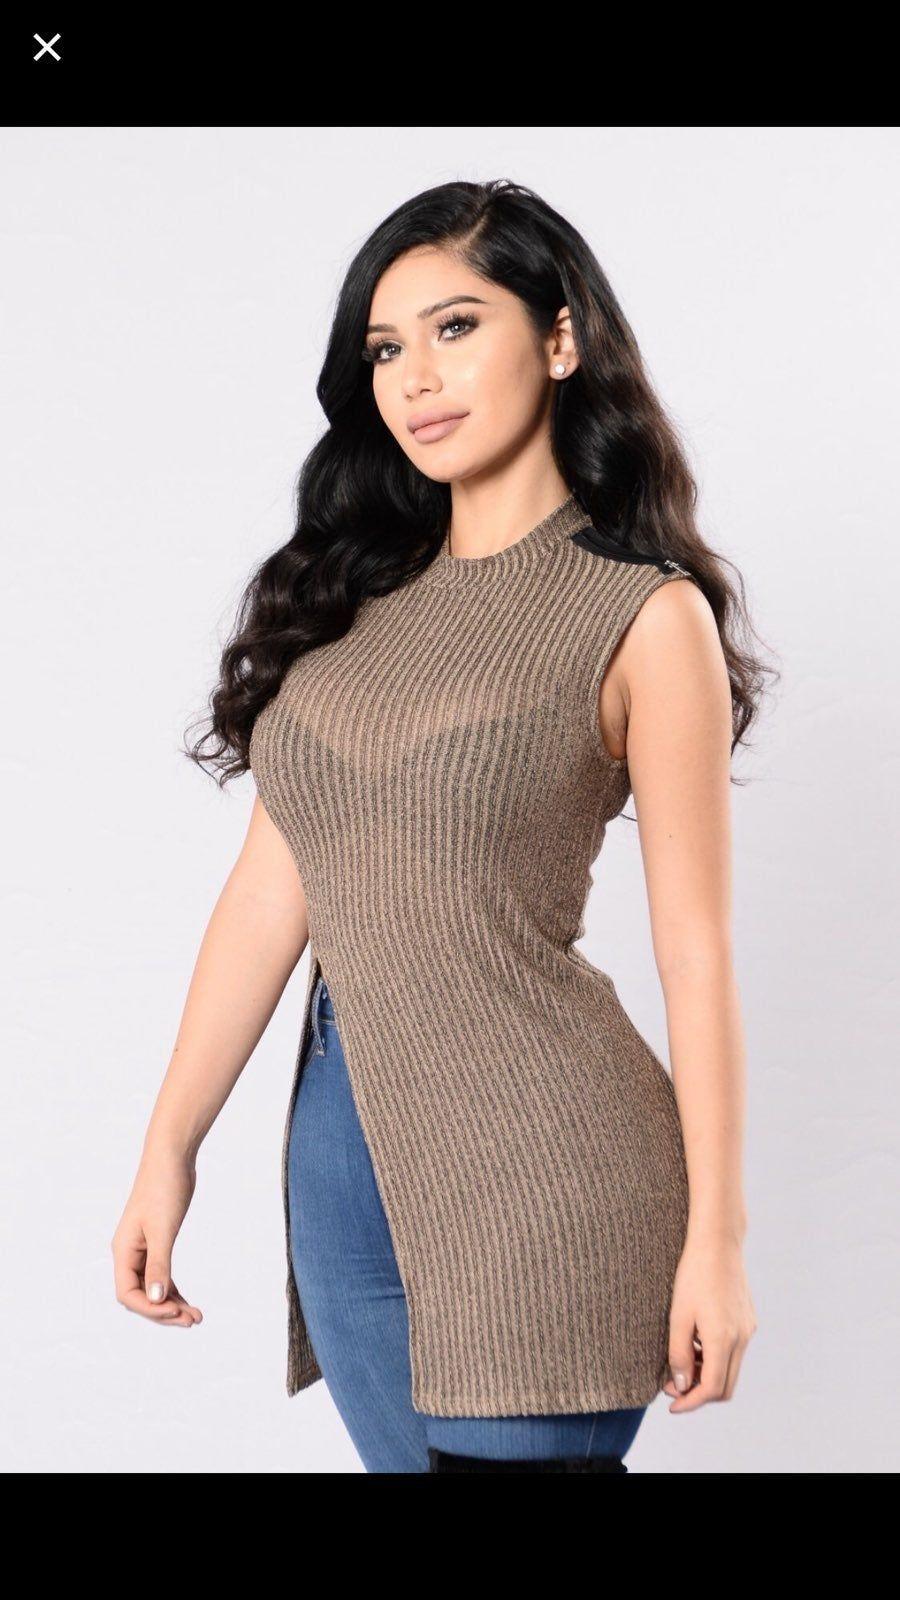 Fashion Nova Shirt Dress Mercari in 2020 Fashion nova